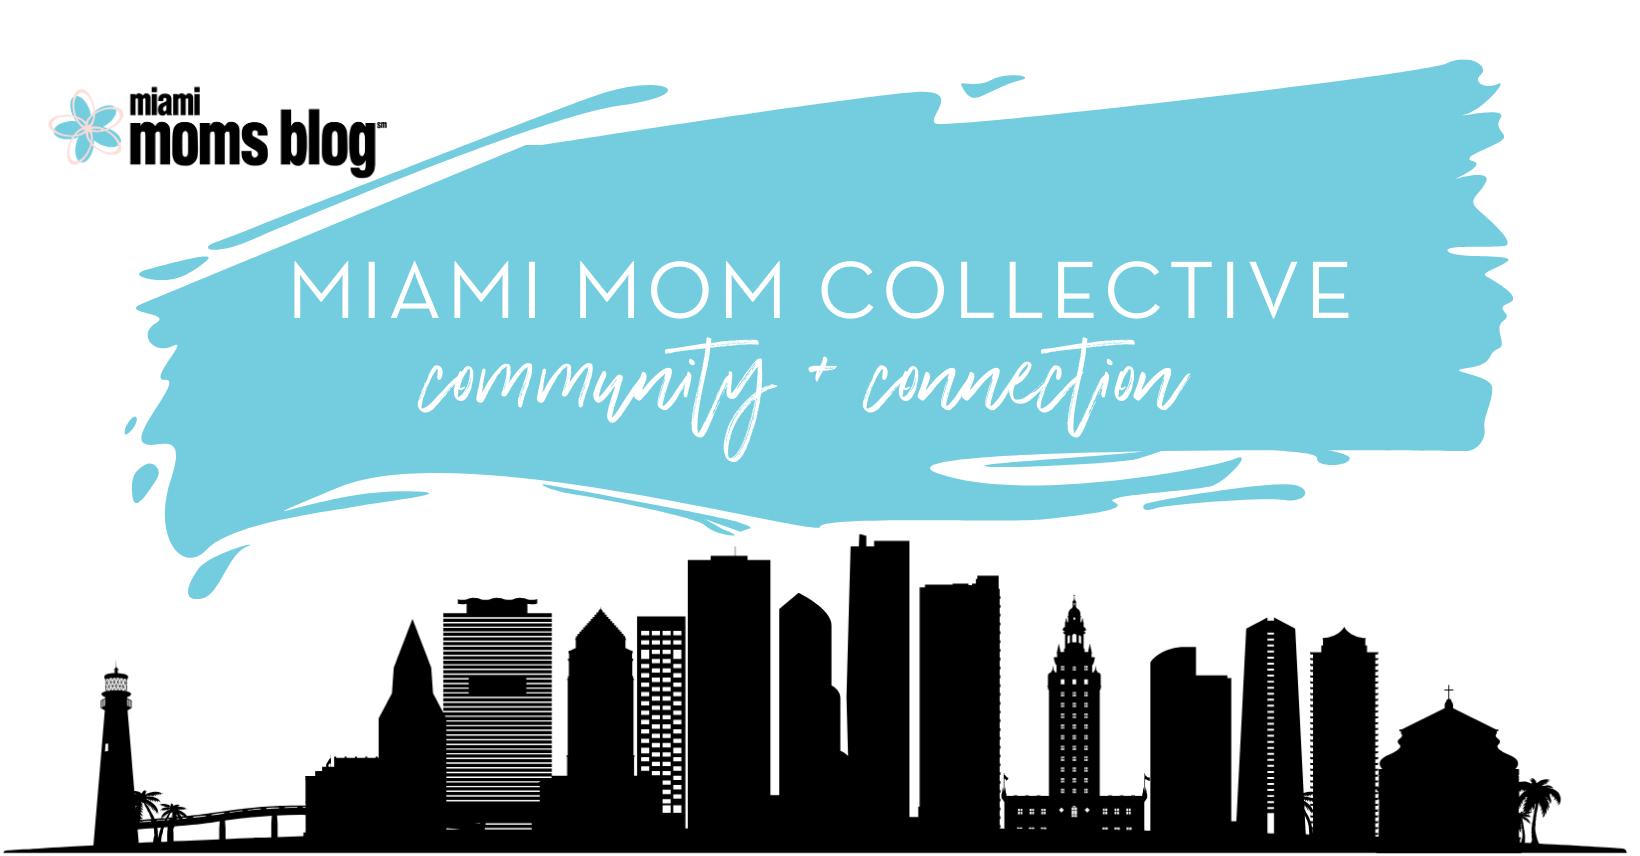 miami mom collective facebook group miami moms blog